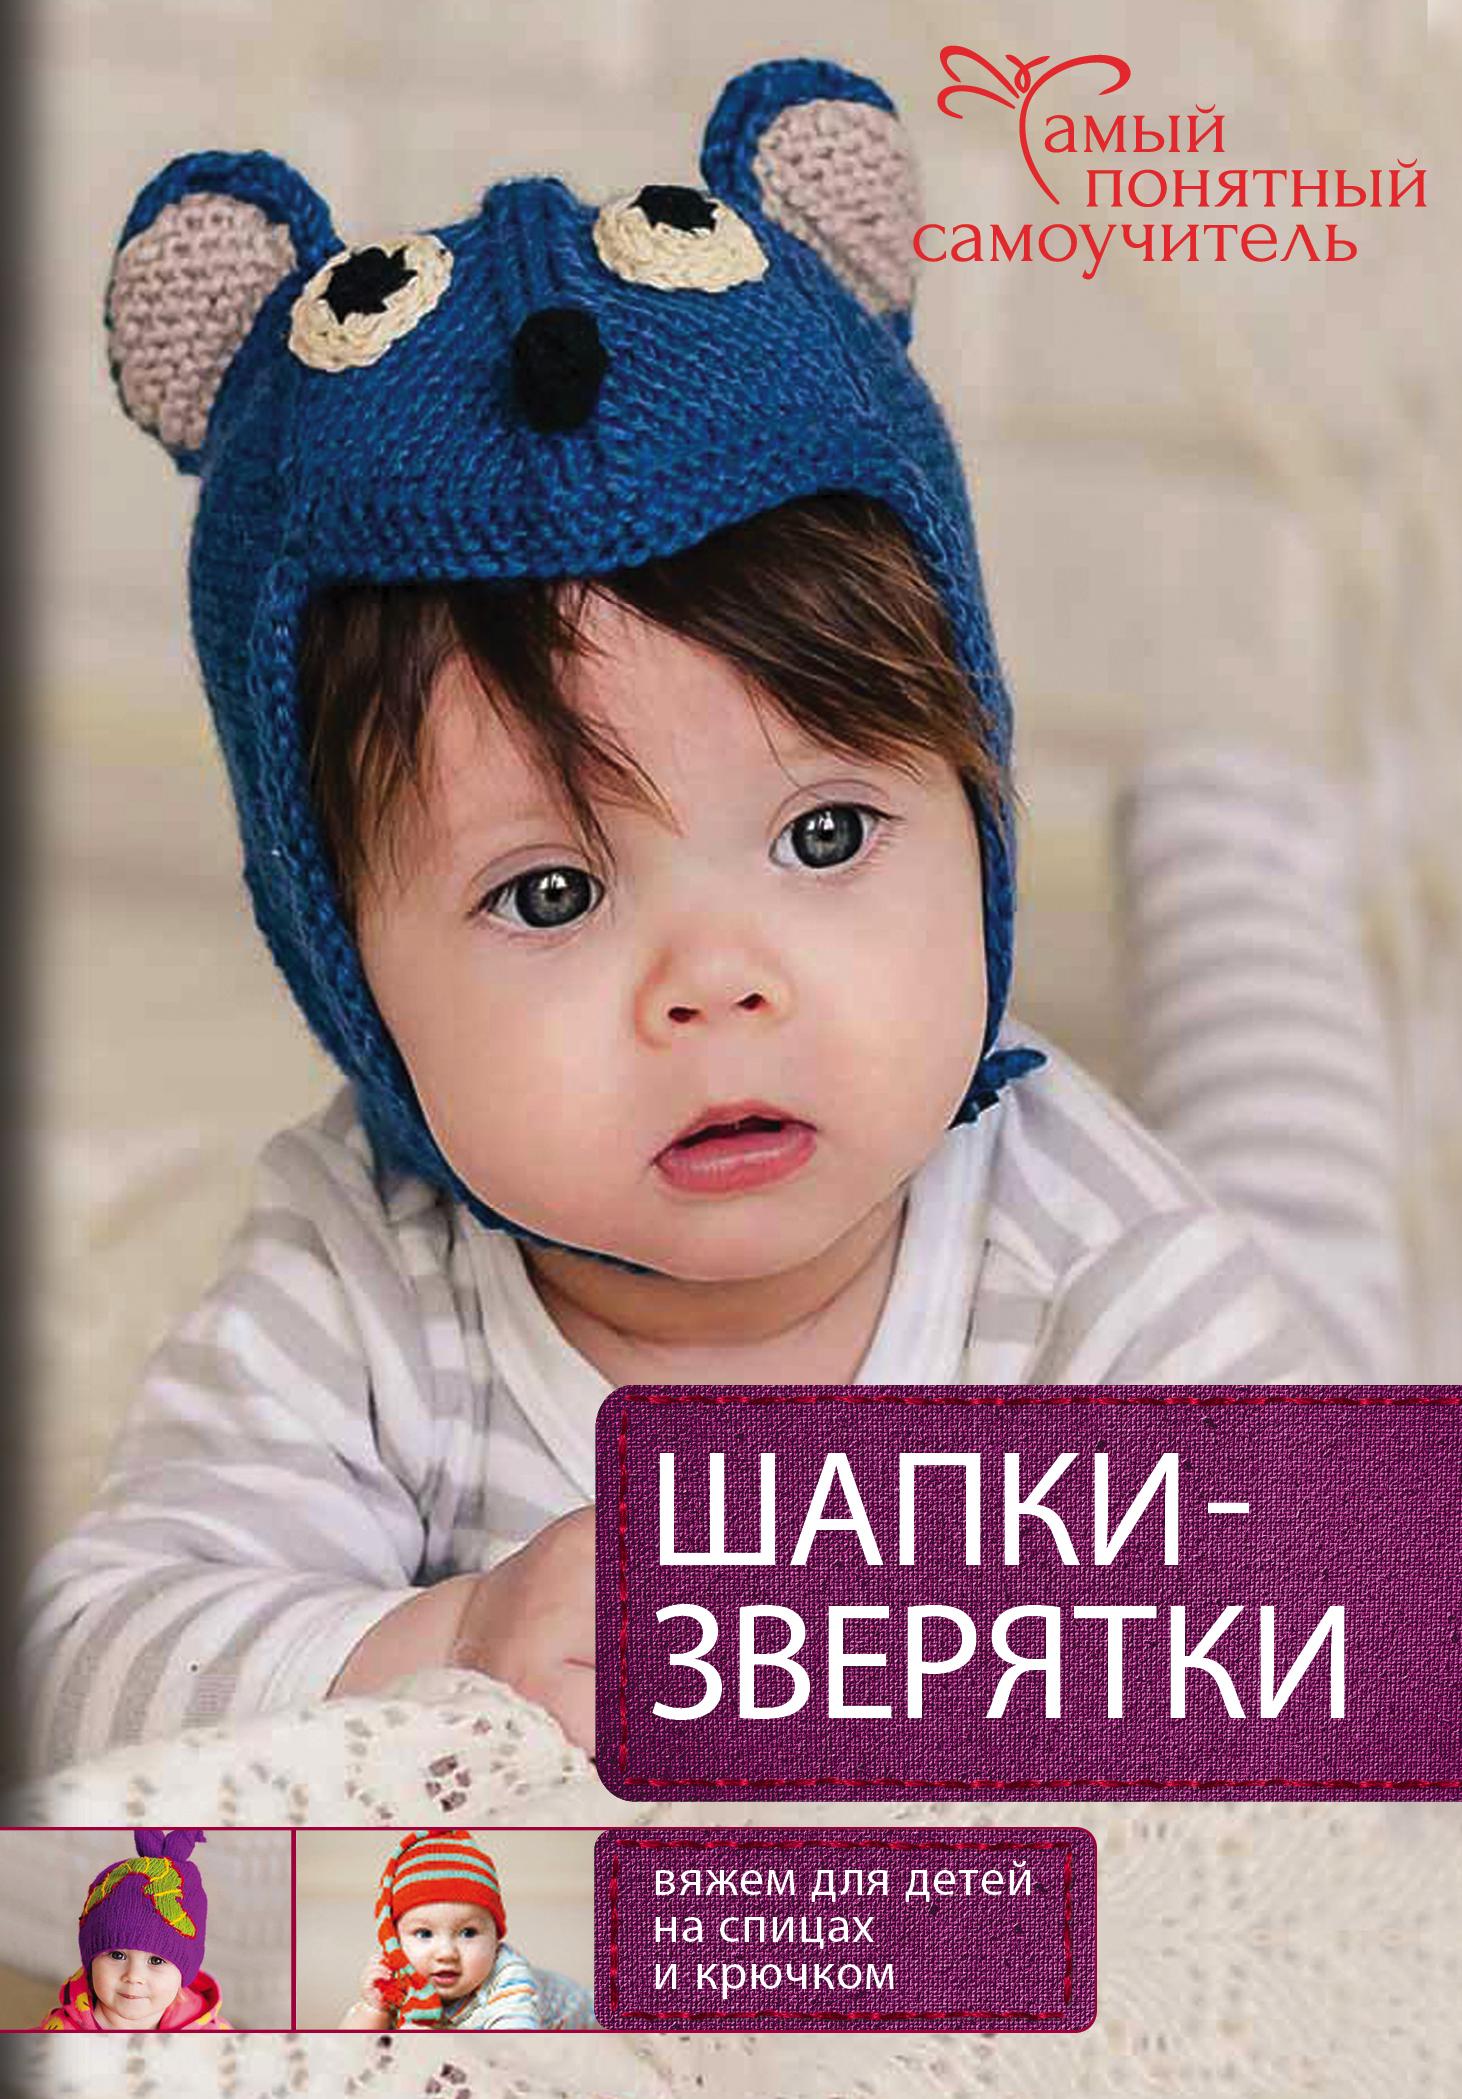 Шапки-зверятки. Вяжем для детей спицами и крючком ( .  )